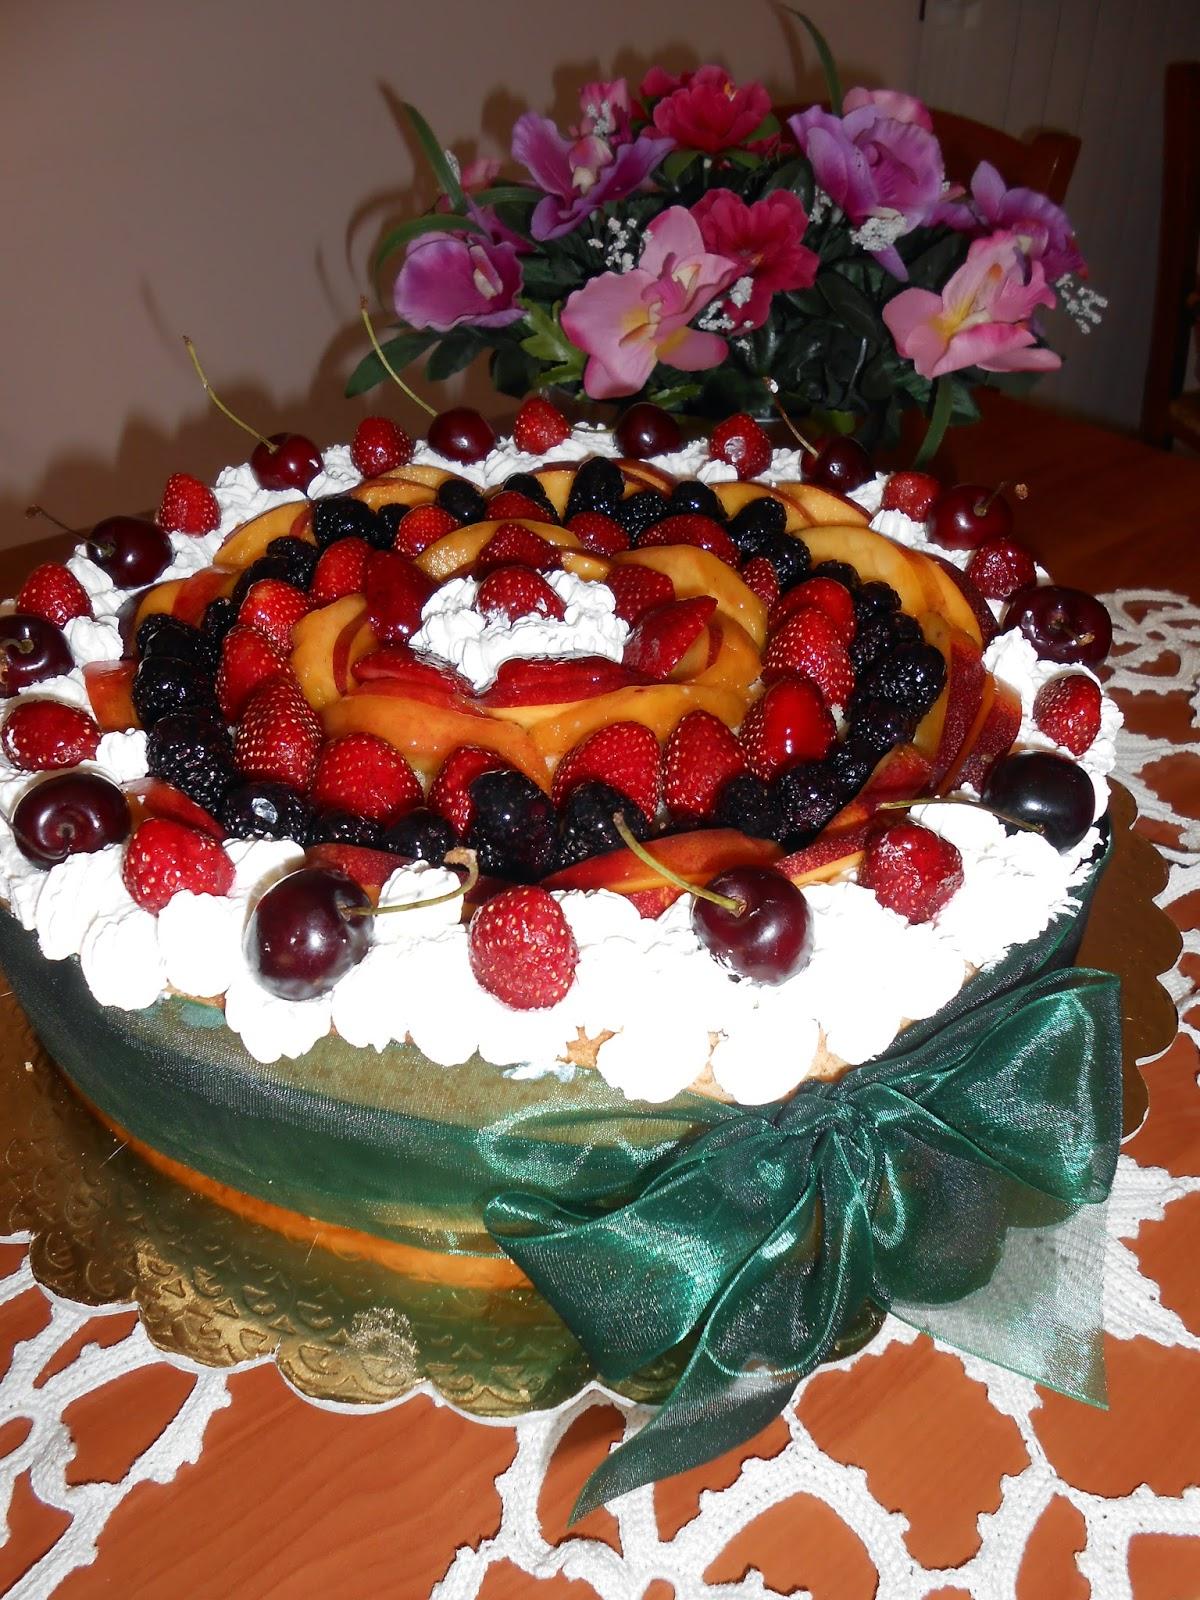 cestino con frutta fresca